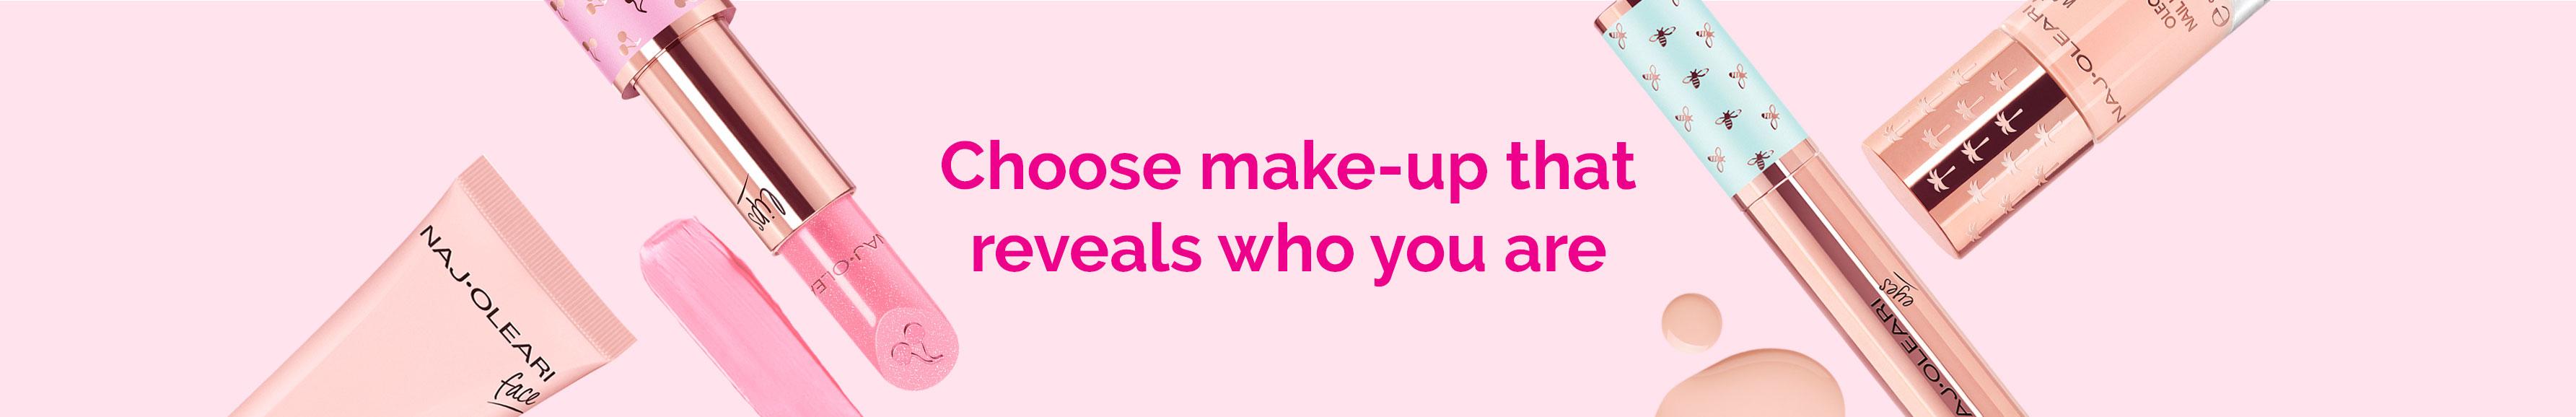 Naj Oleari Beauty - Make-up